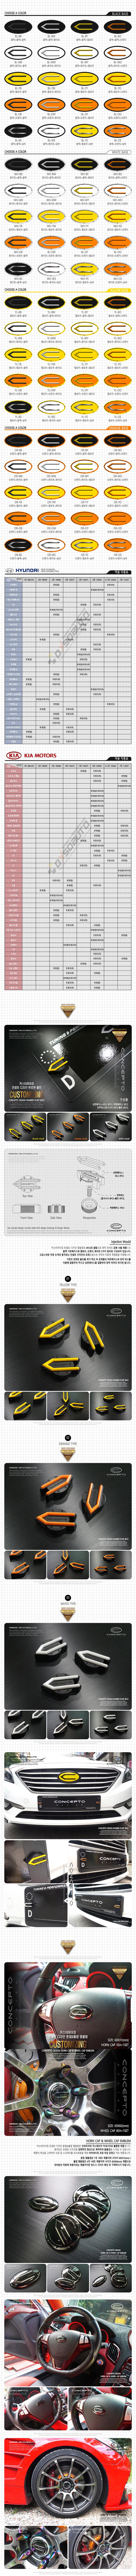 1호 7호 추가!!! 차종 업데이트!!! [DXSOAUTO] 컨셉토 디자인 엠블럼_쏘울부스터